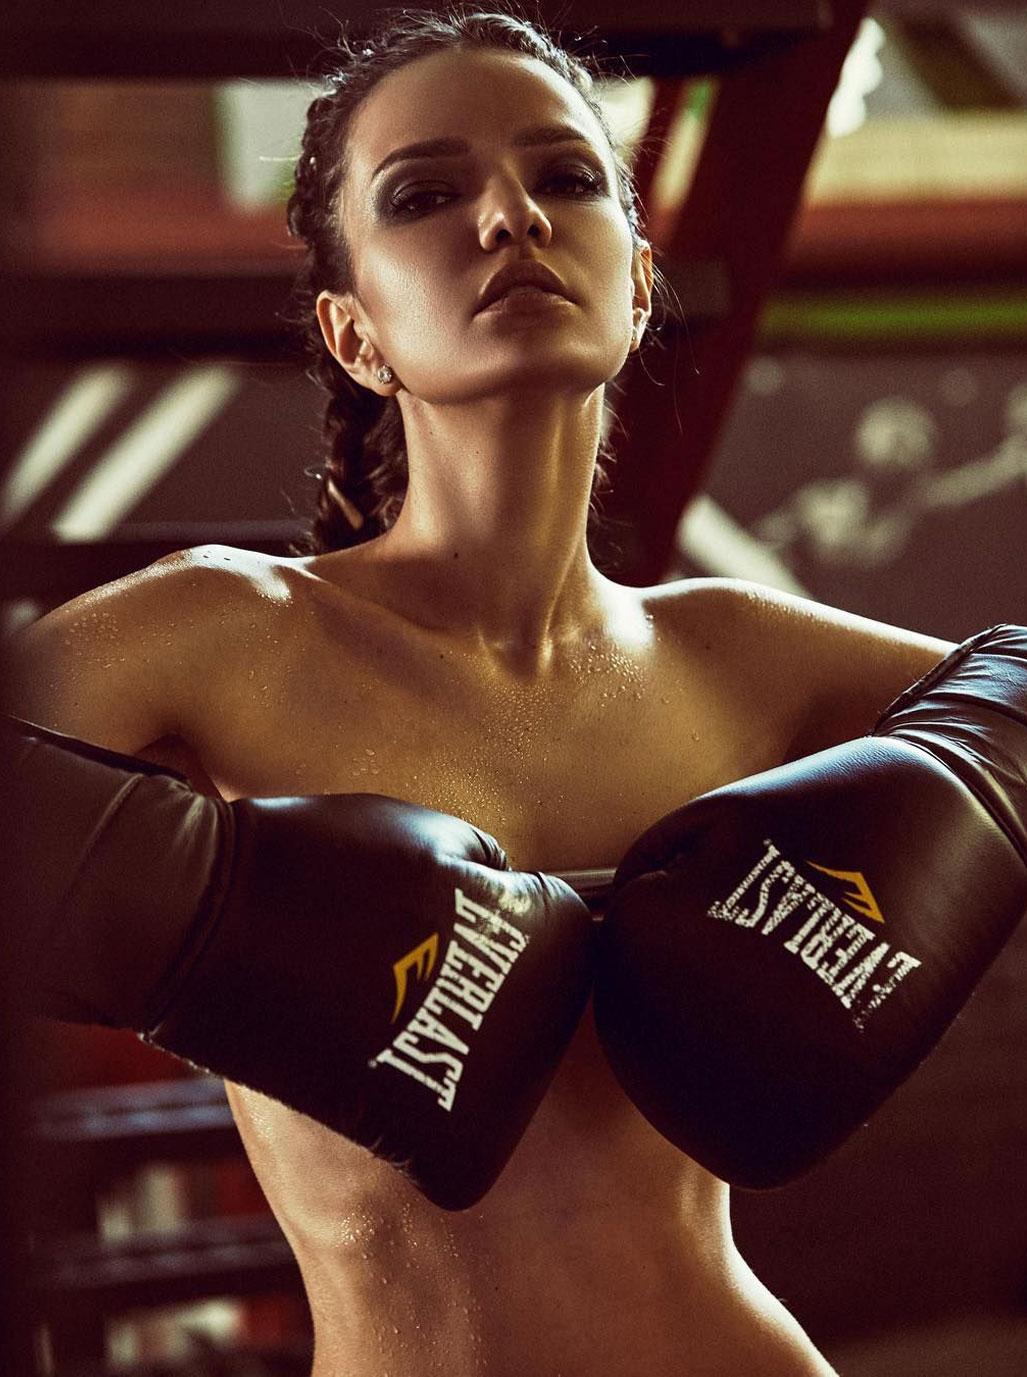 Аделина Шарипова на боксерском ринге / фотограф Алена Никифорова